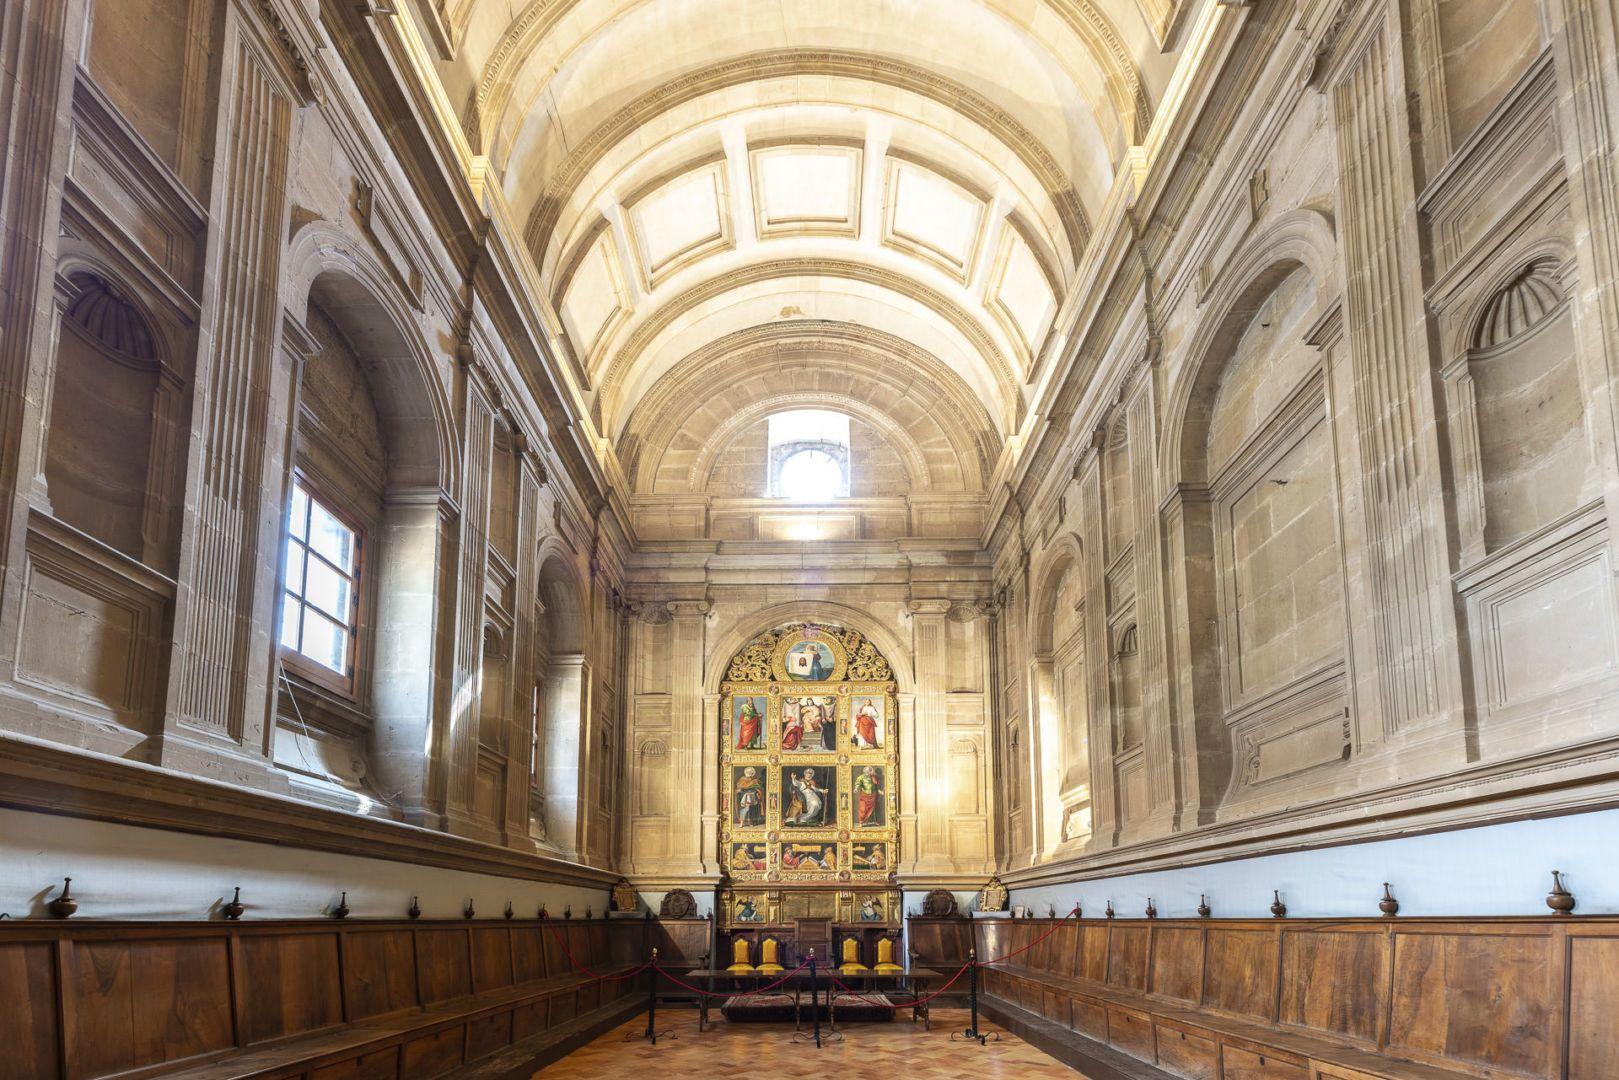 SalaCapitular-CatedralJaen-3